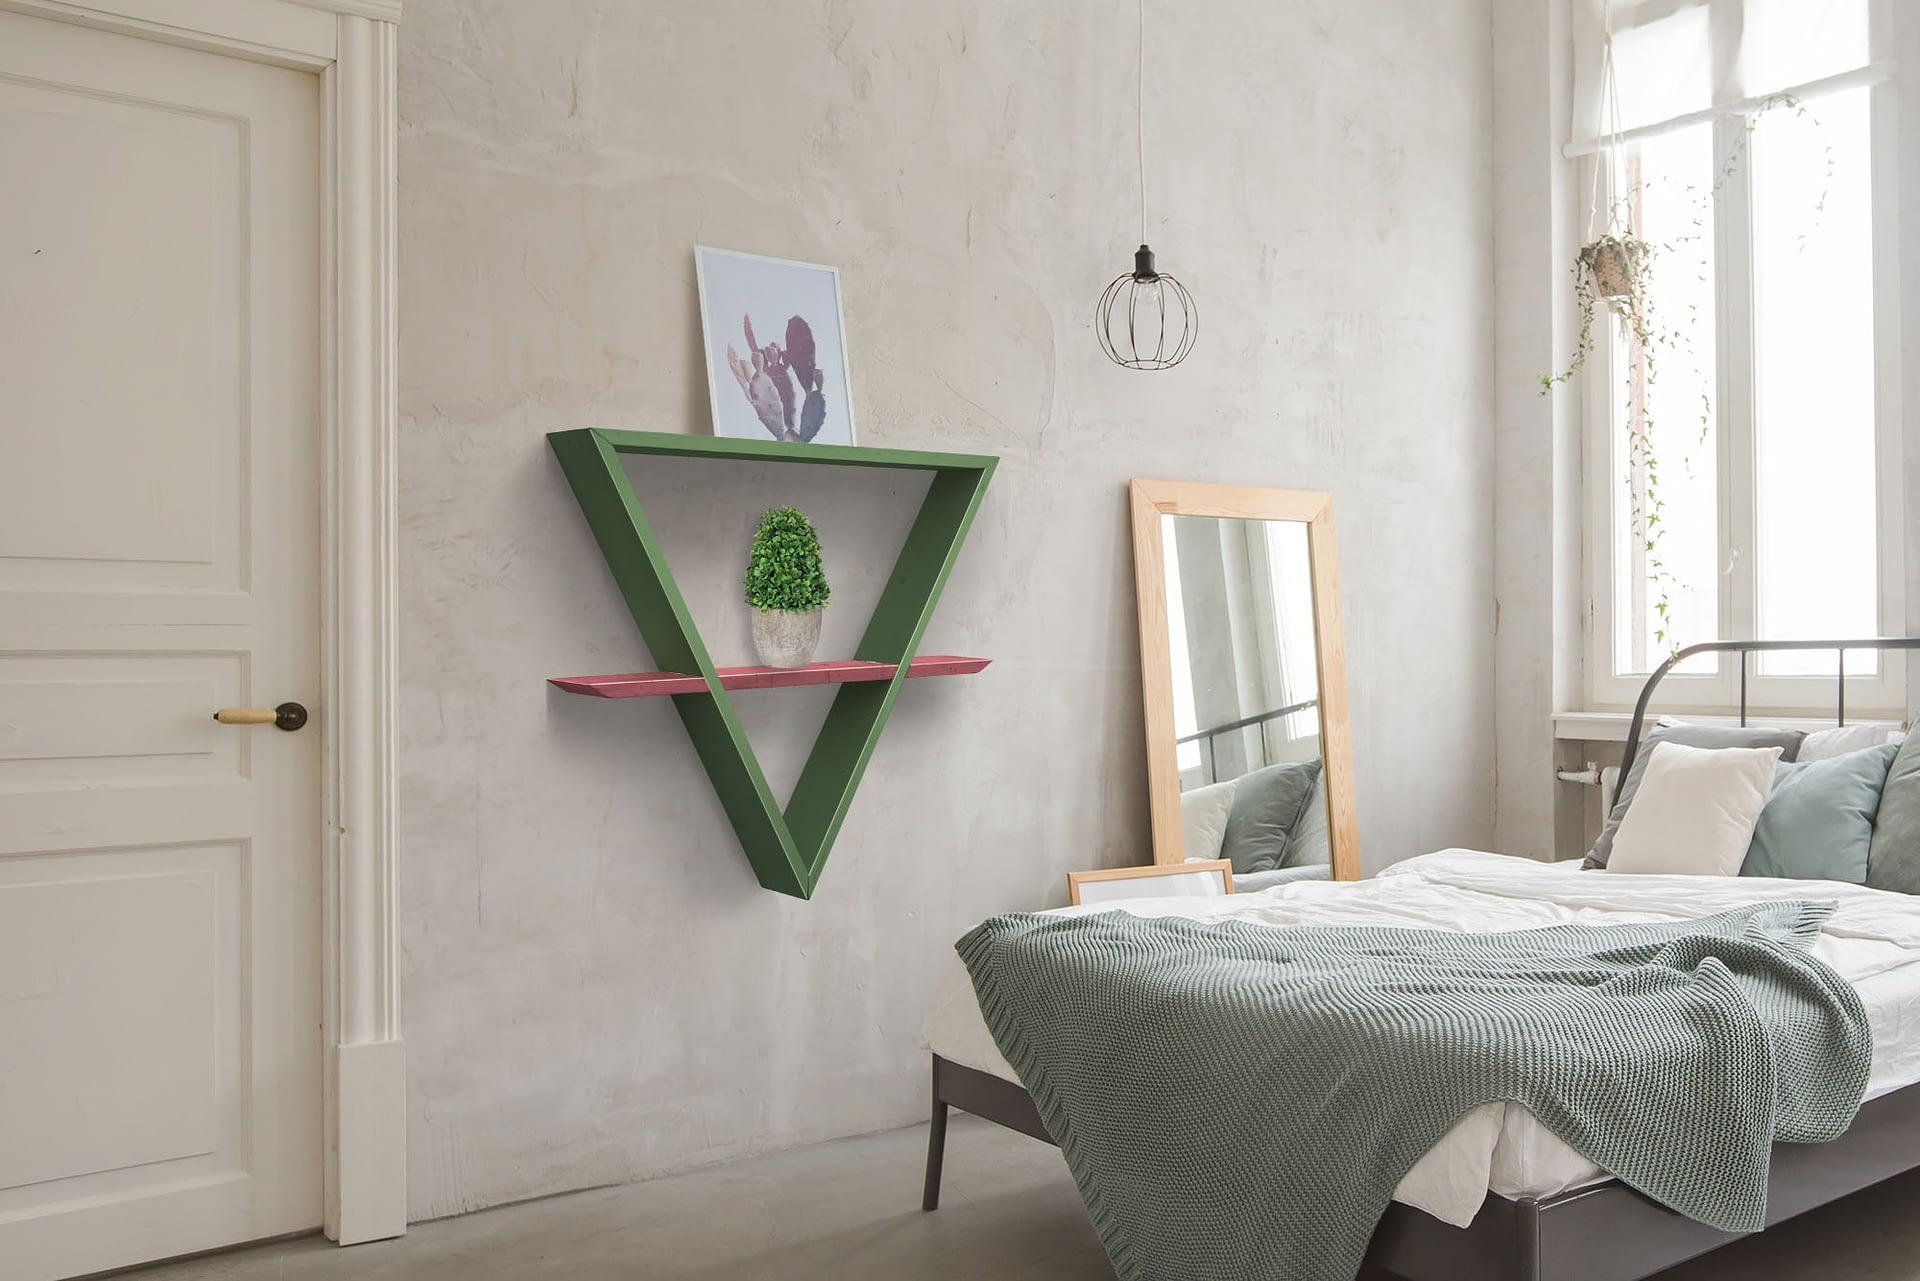 daichi ambiente camera verde salvia rosa antico